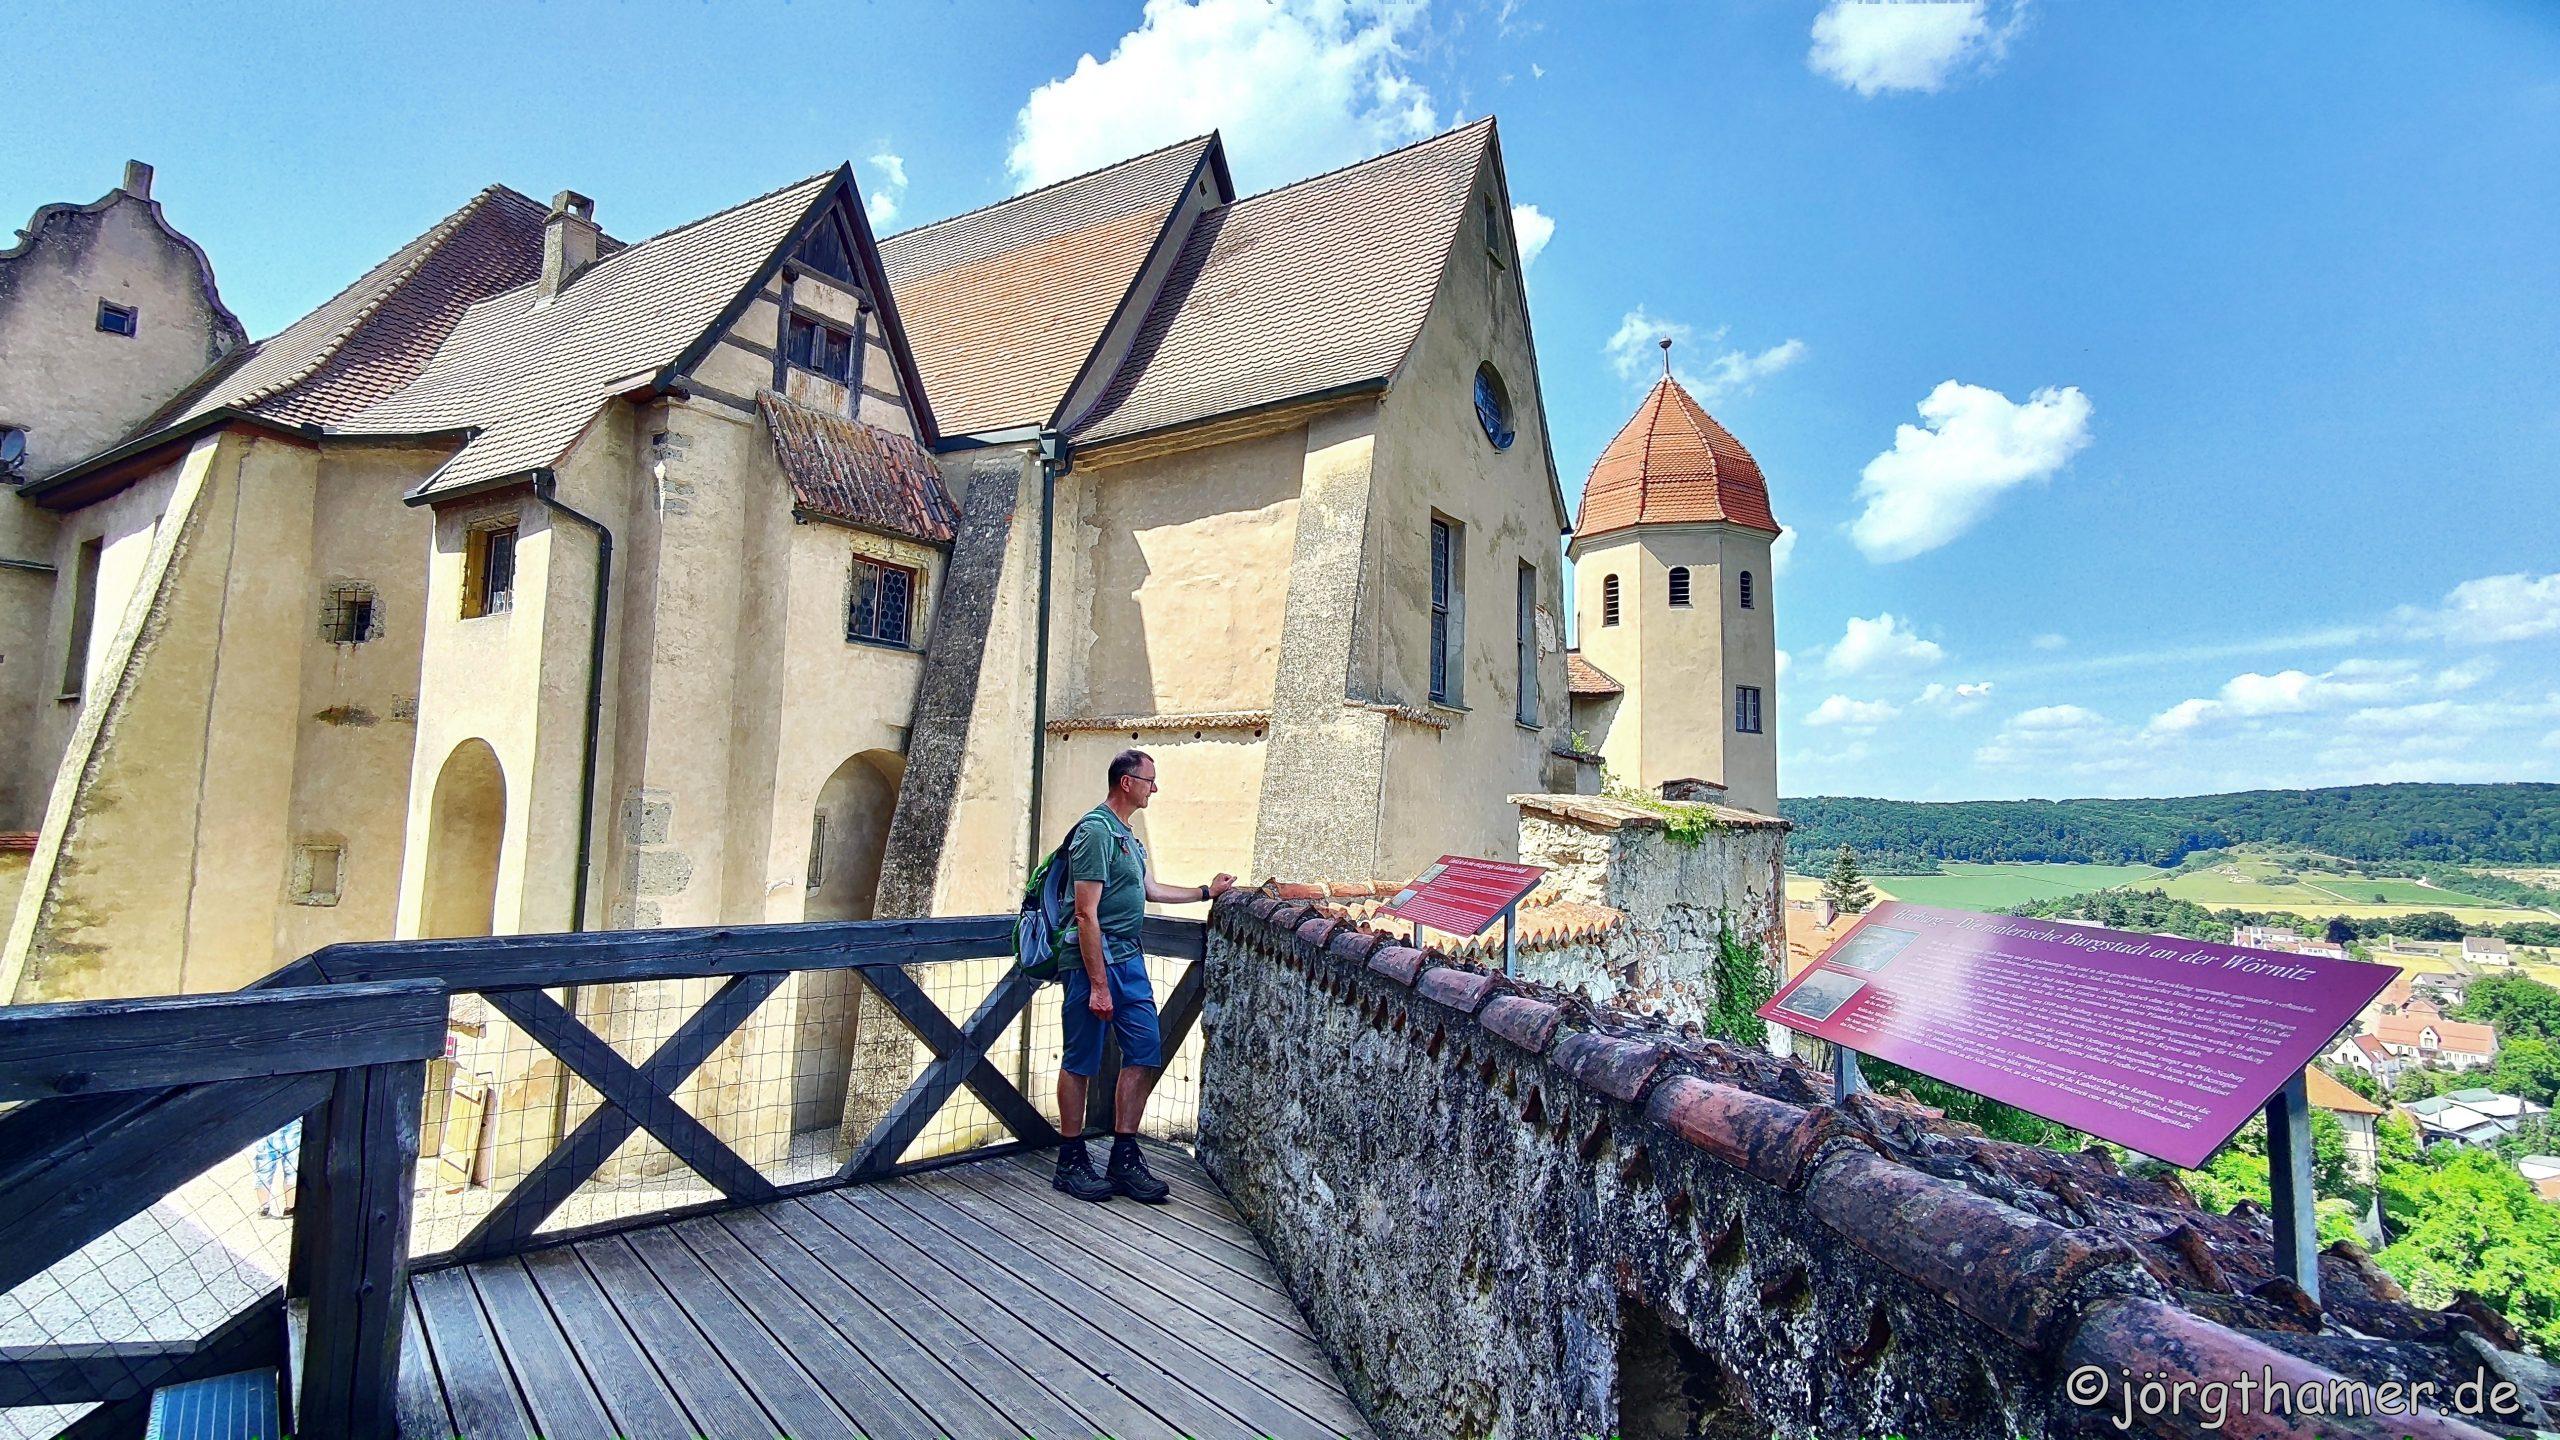 """Wandern auf der """"Romantischen Straße"""" - vom Ries zur Donau"""